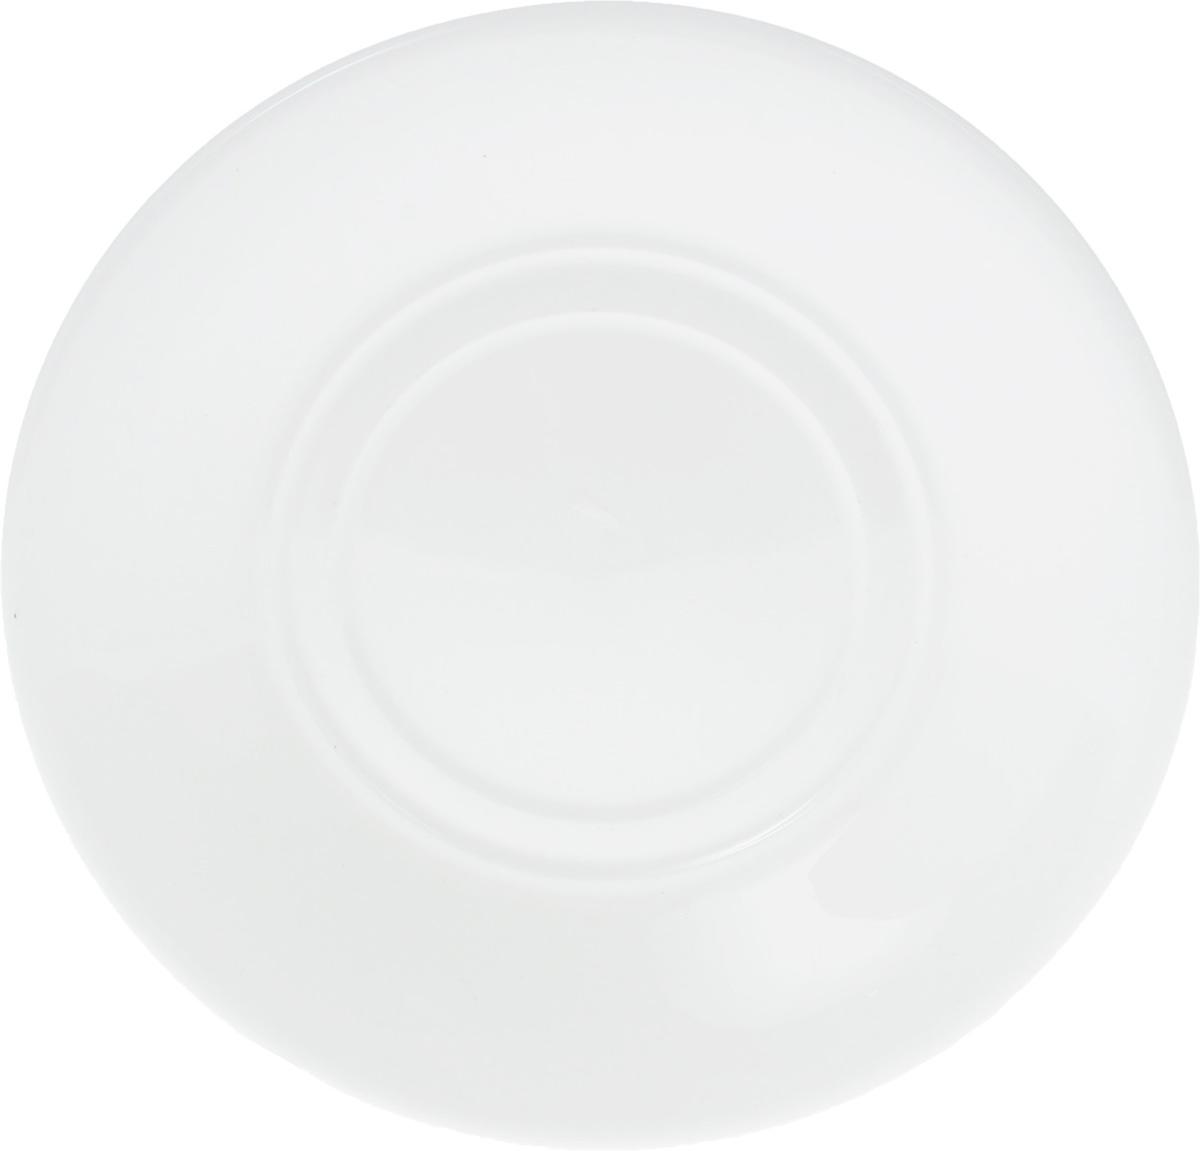 Блюдце Wilmax, диаметр 15 смWL-996100 / AОригинальное блюдце Wilmax изготовлено из фарфора с глазурованным покрытием. Фарфор от Wilmax изготовлен по уникальному рецепту из сплава магния и алюминия, благодаря чему посуда обладает характерной белизной, прочностью и устойчивостью к сколами. Особый состав глазури обеспечивает гладкость и блеск поверхности изделия.Изделие сочетает в себе изысканный дизайн с максимальной функциональностью. Блюдце прекрасно впишется в интерьер вашей кухни и станет достойным дополнением к кухонному инвентарю. Можно мыть в посудомоечной машине и использовать в микроволновой печи. Изделие пригодно для использования в духовых печах и выдерживает температуру до 300°С.Диаметр: 15 см.Высота: 2 см.